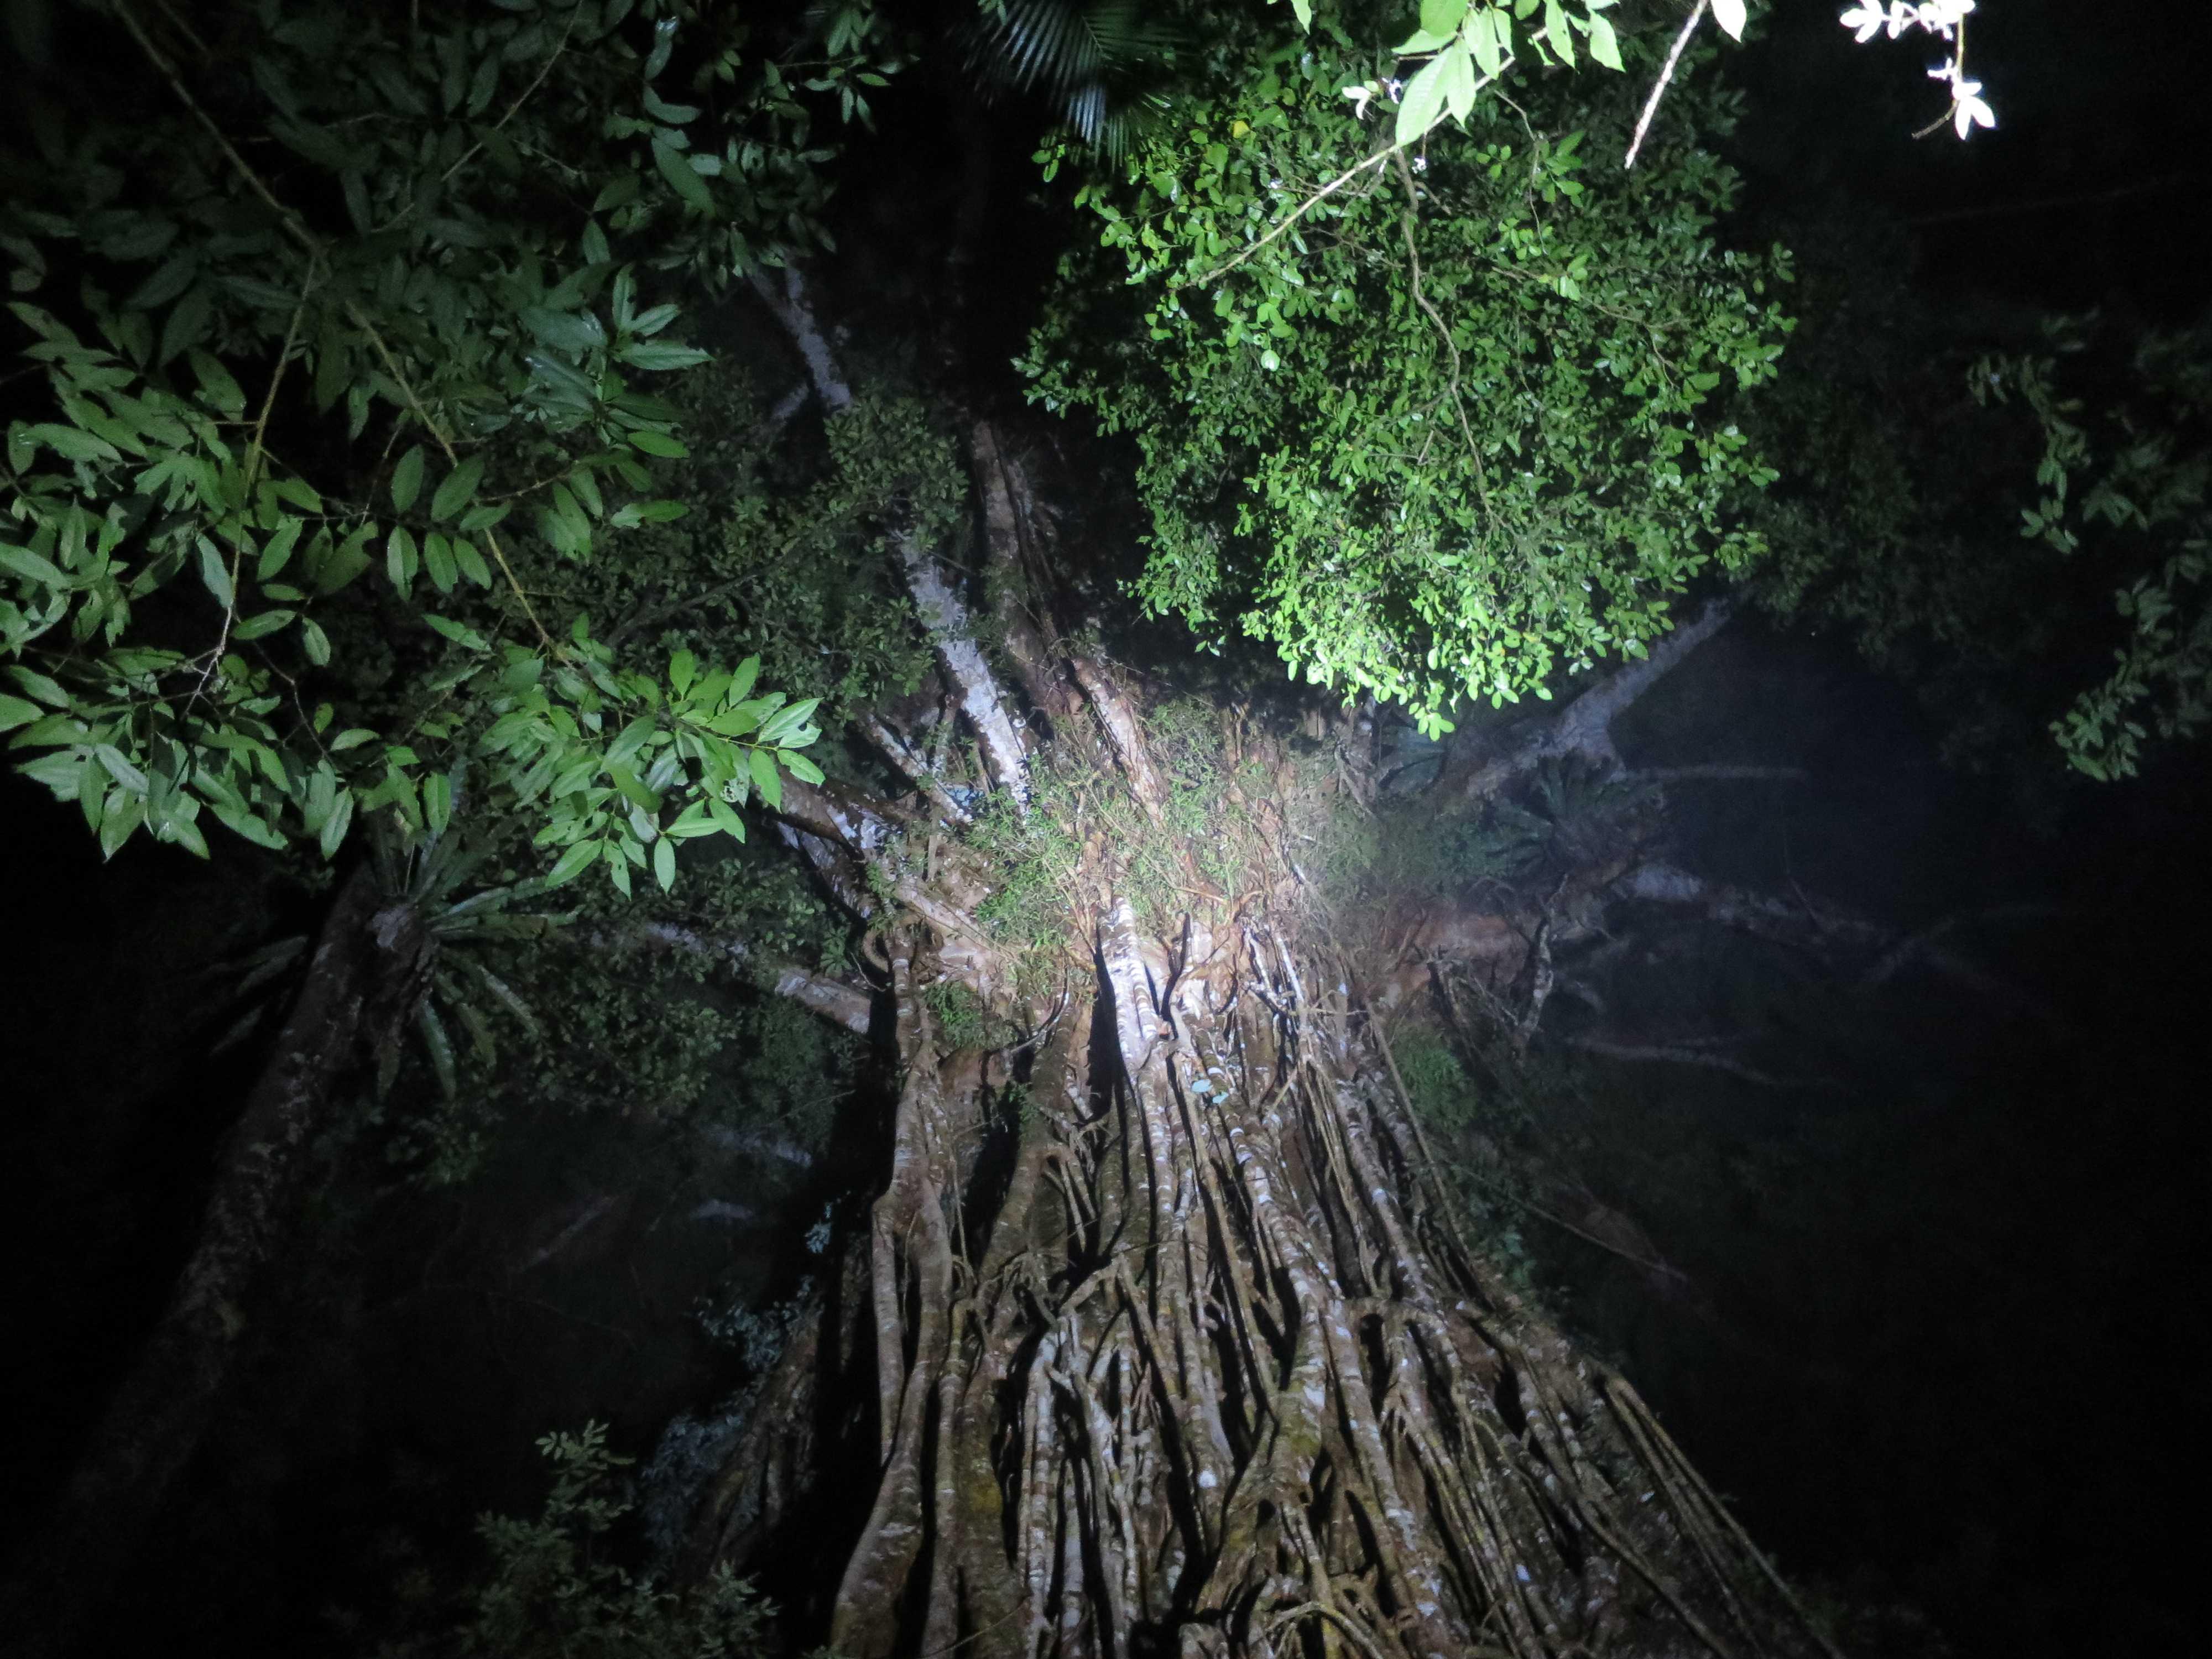 精霊が宿る木 - 聖堂の樹